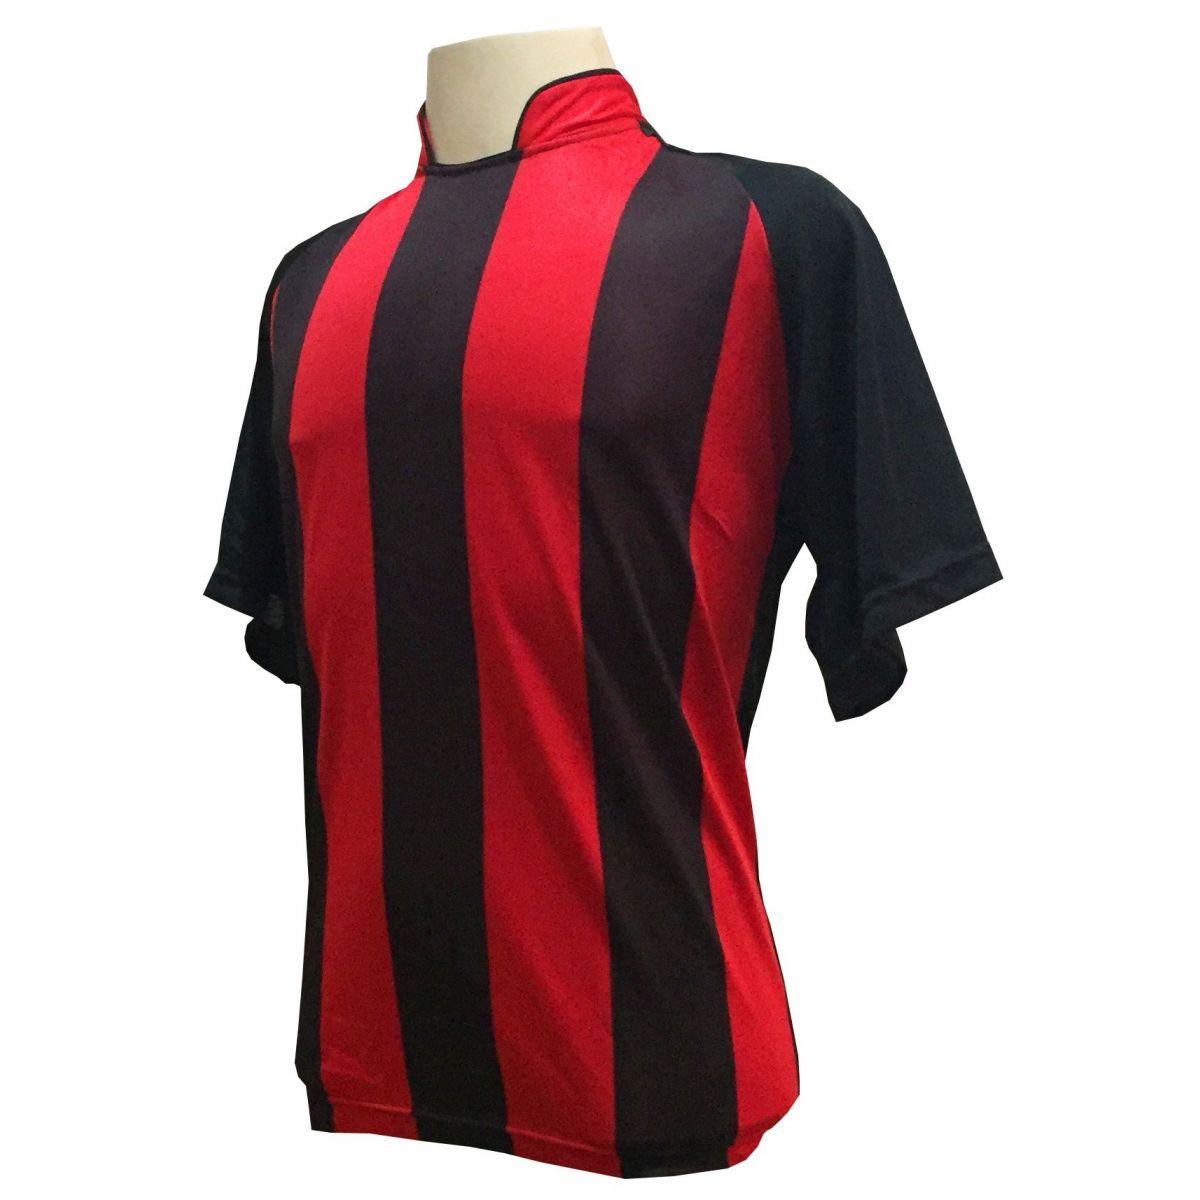 Uniforme Esportivo com 20 Camisas modelo Milan Preto/Vermelho + 20 Calções modelo Madrid Vermelho   - ESTAÇÃO DO ESPORTE